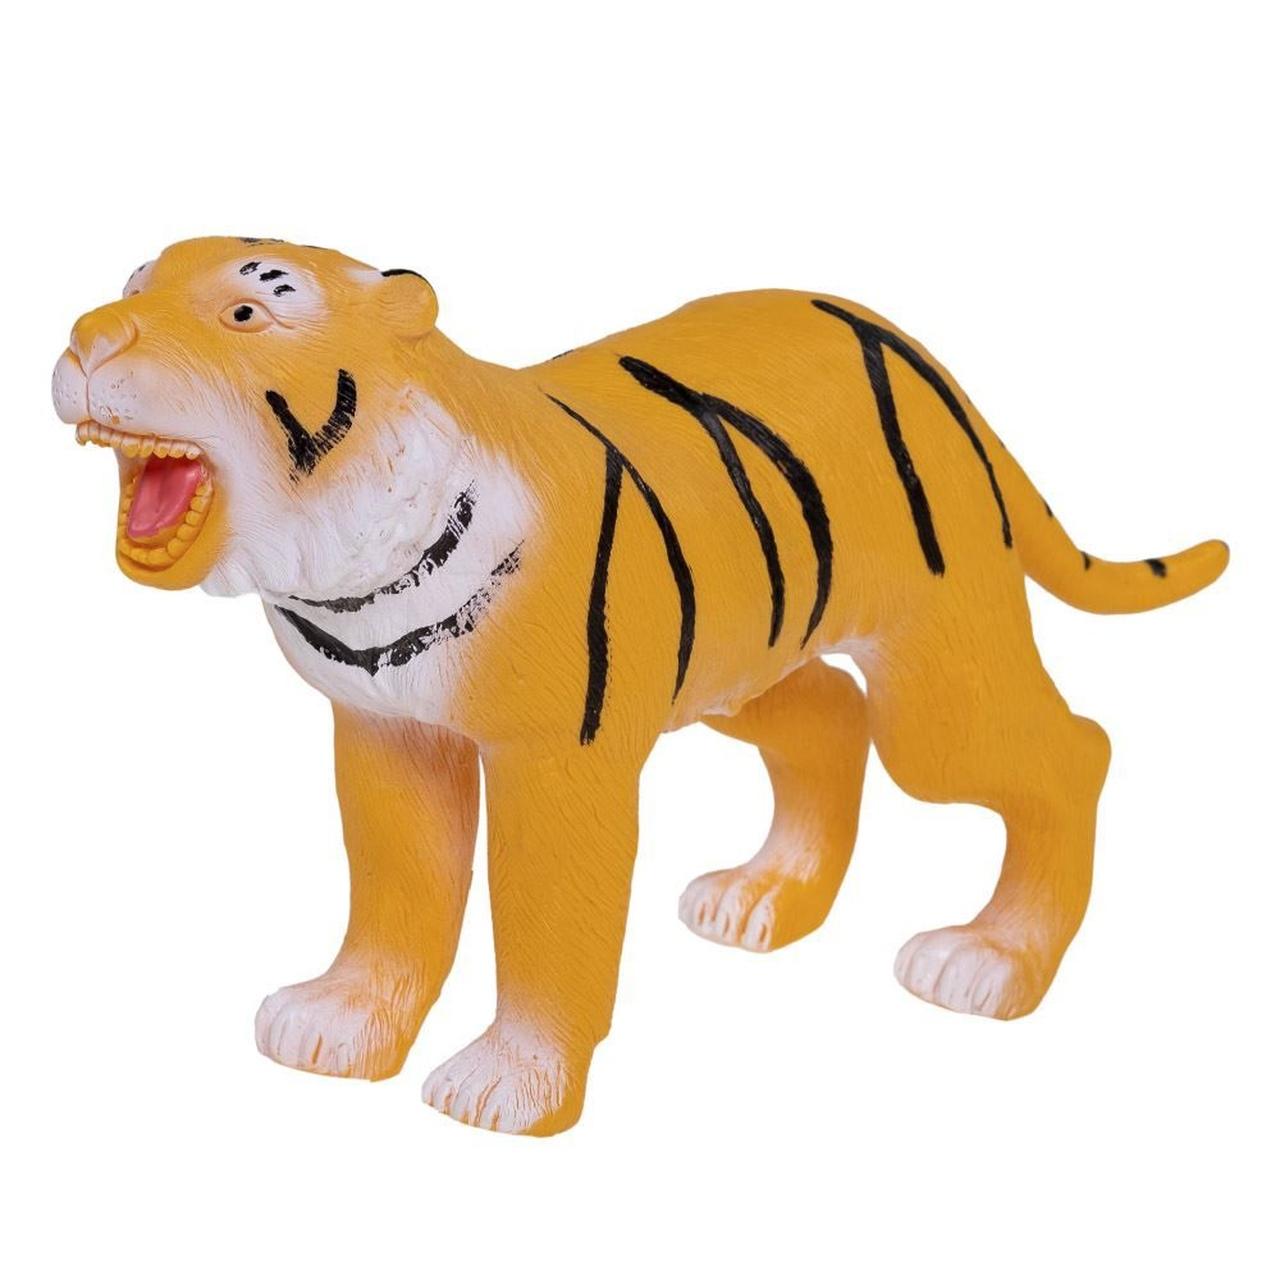 Brinquedo Boneco De Vinil Tigre Amarelo de Vinil - Db play